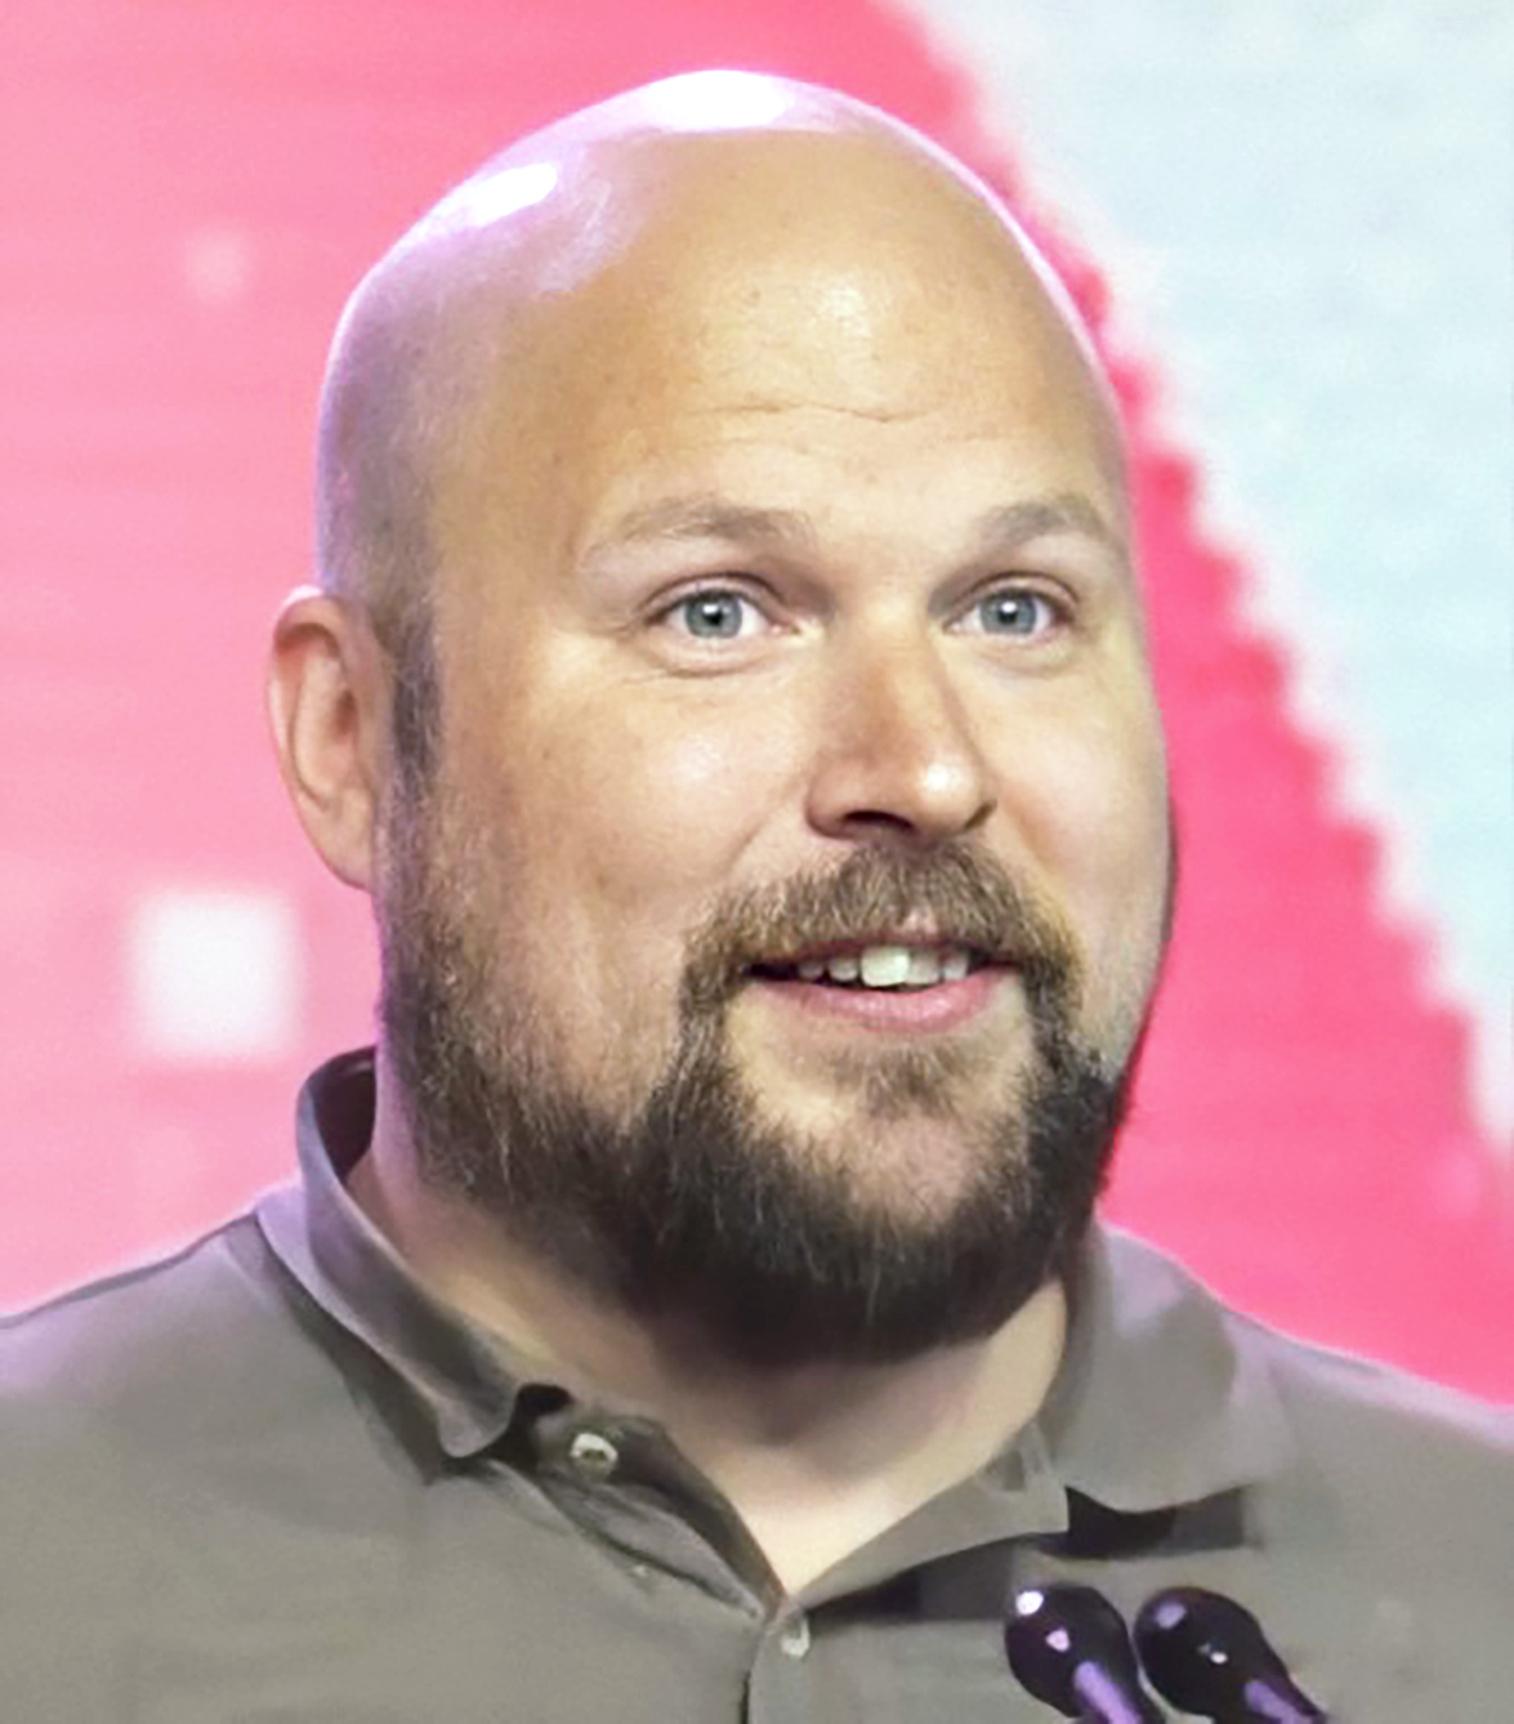 Markus Persson Wikipedia